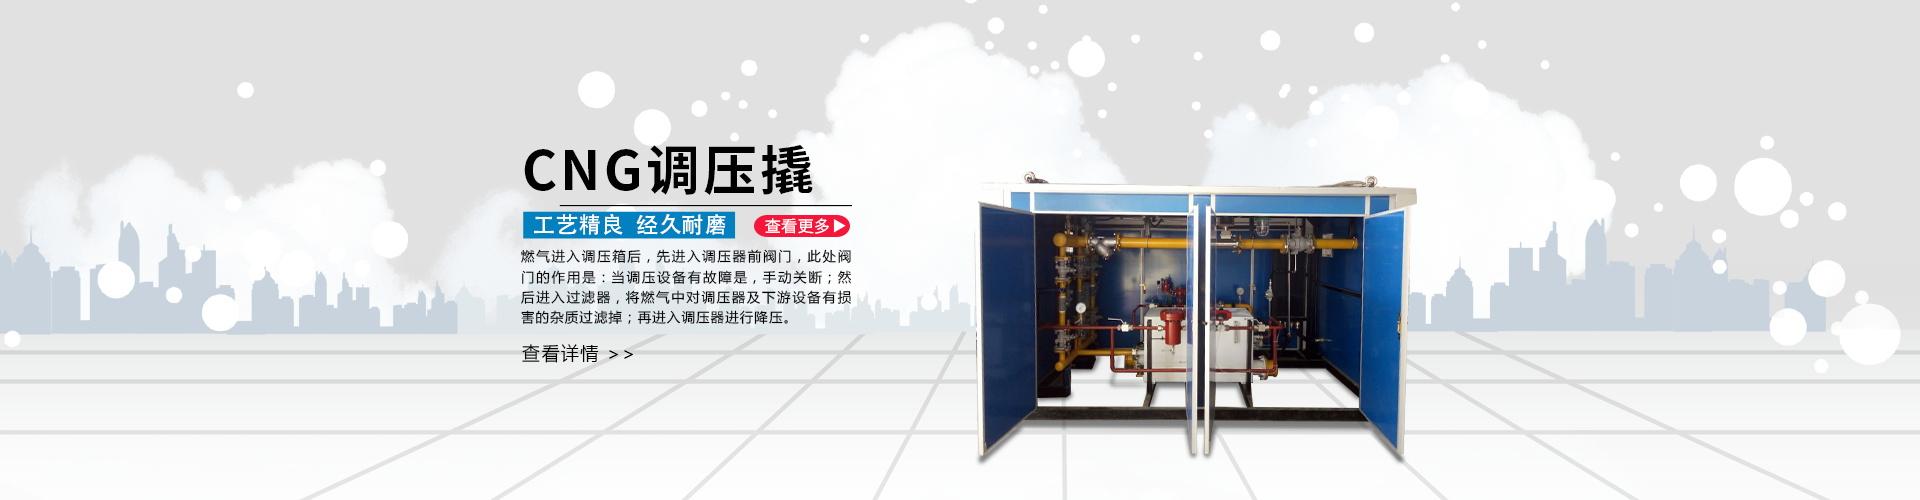 河北明旭气体设备有限公司